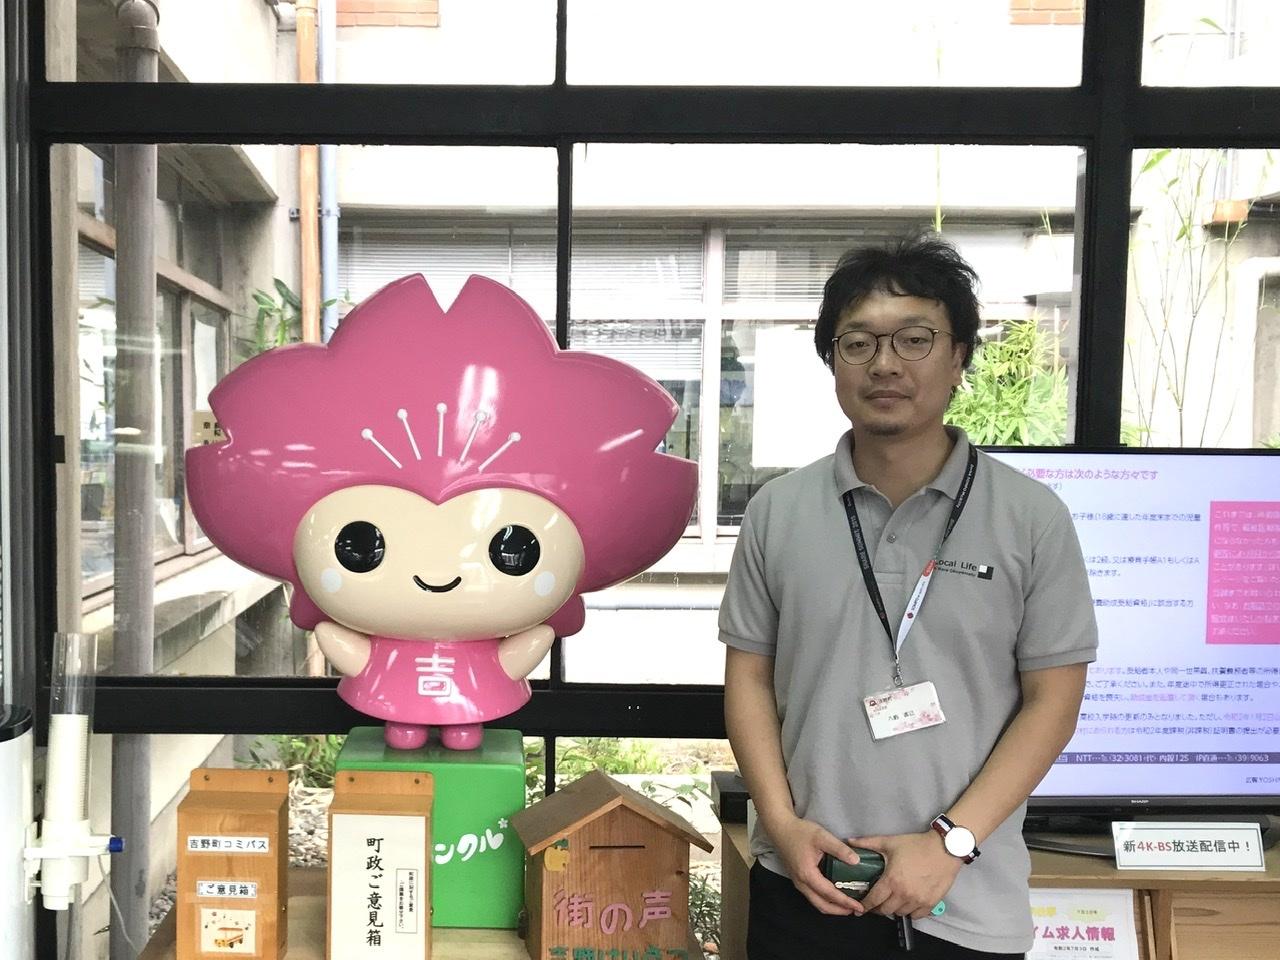 7月3日 吉野町じゅう図書館_a0317236_06405703.jpeg